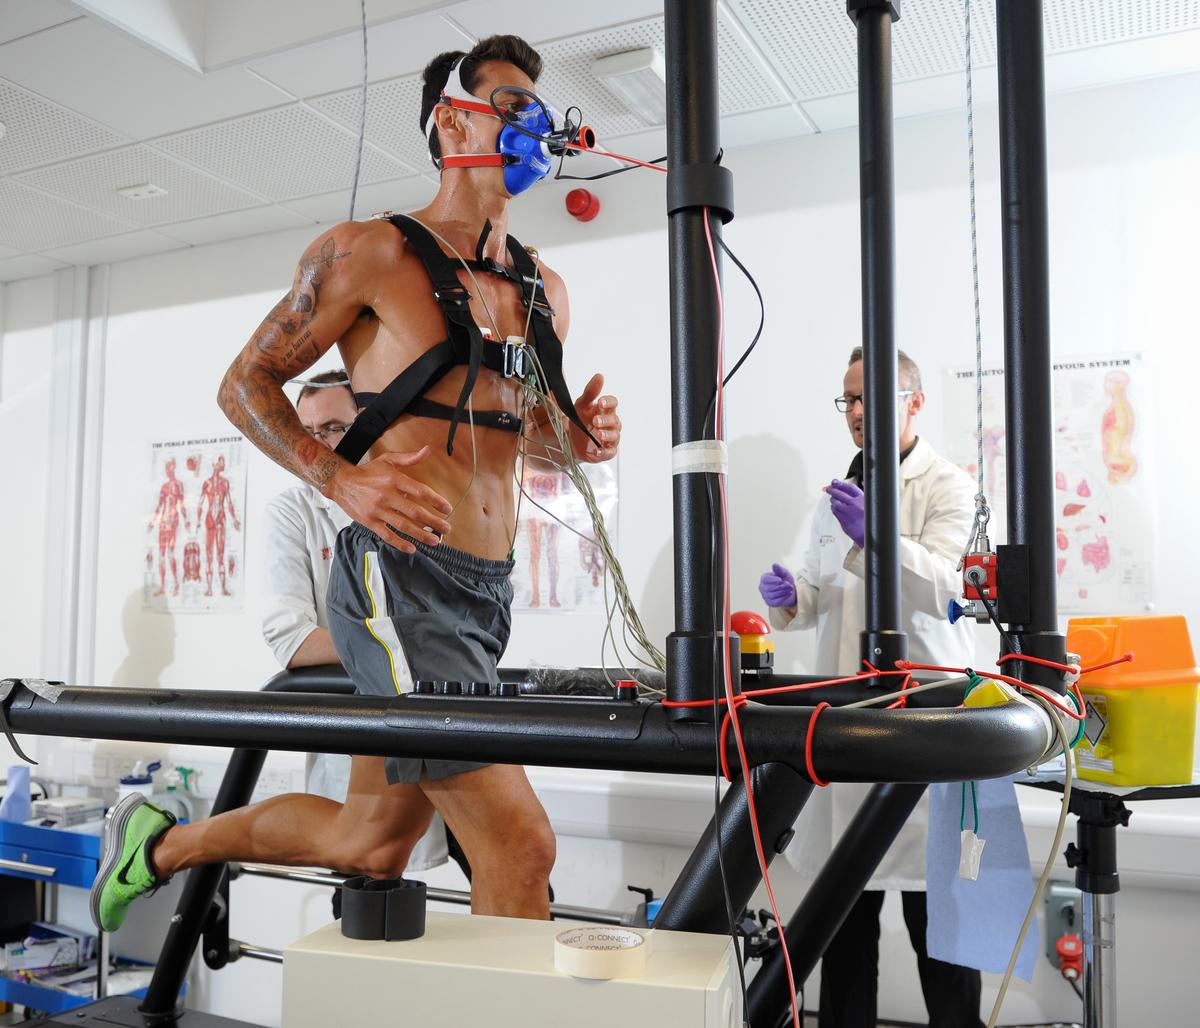 酸素摂取量および運動に対する有酸素性代謝と無酸素性代謝の貢献